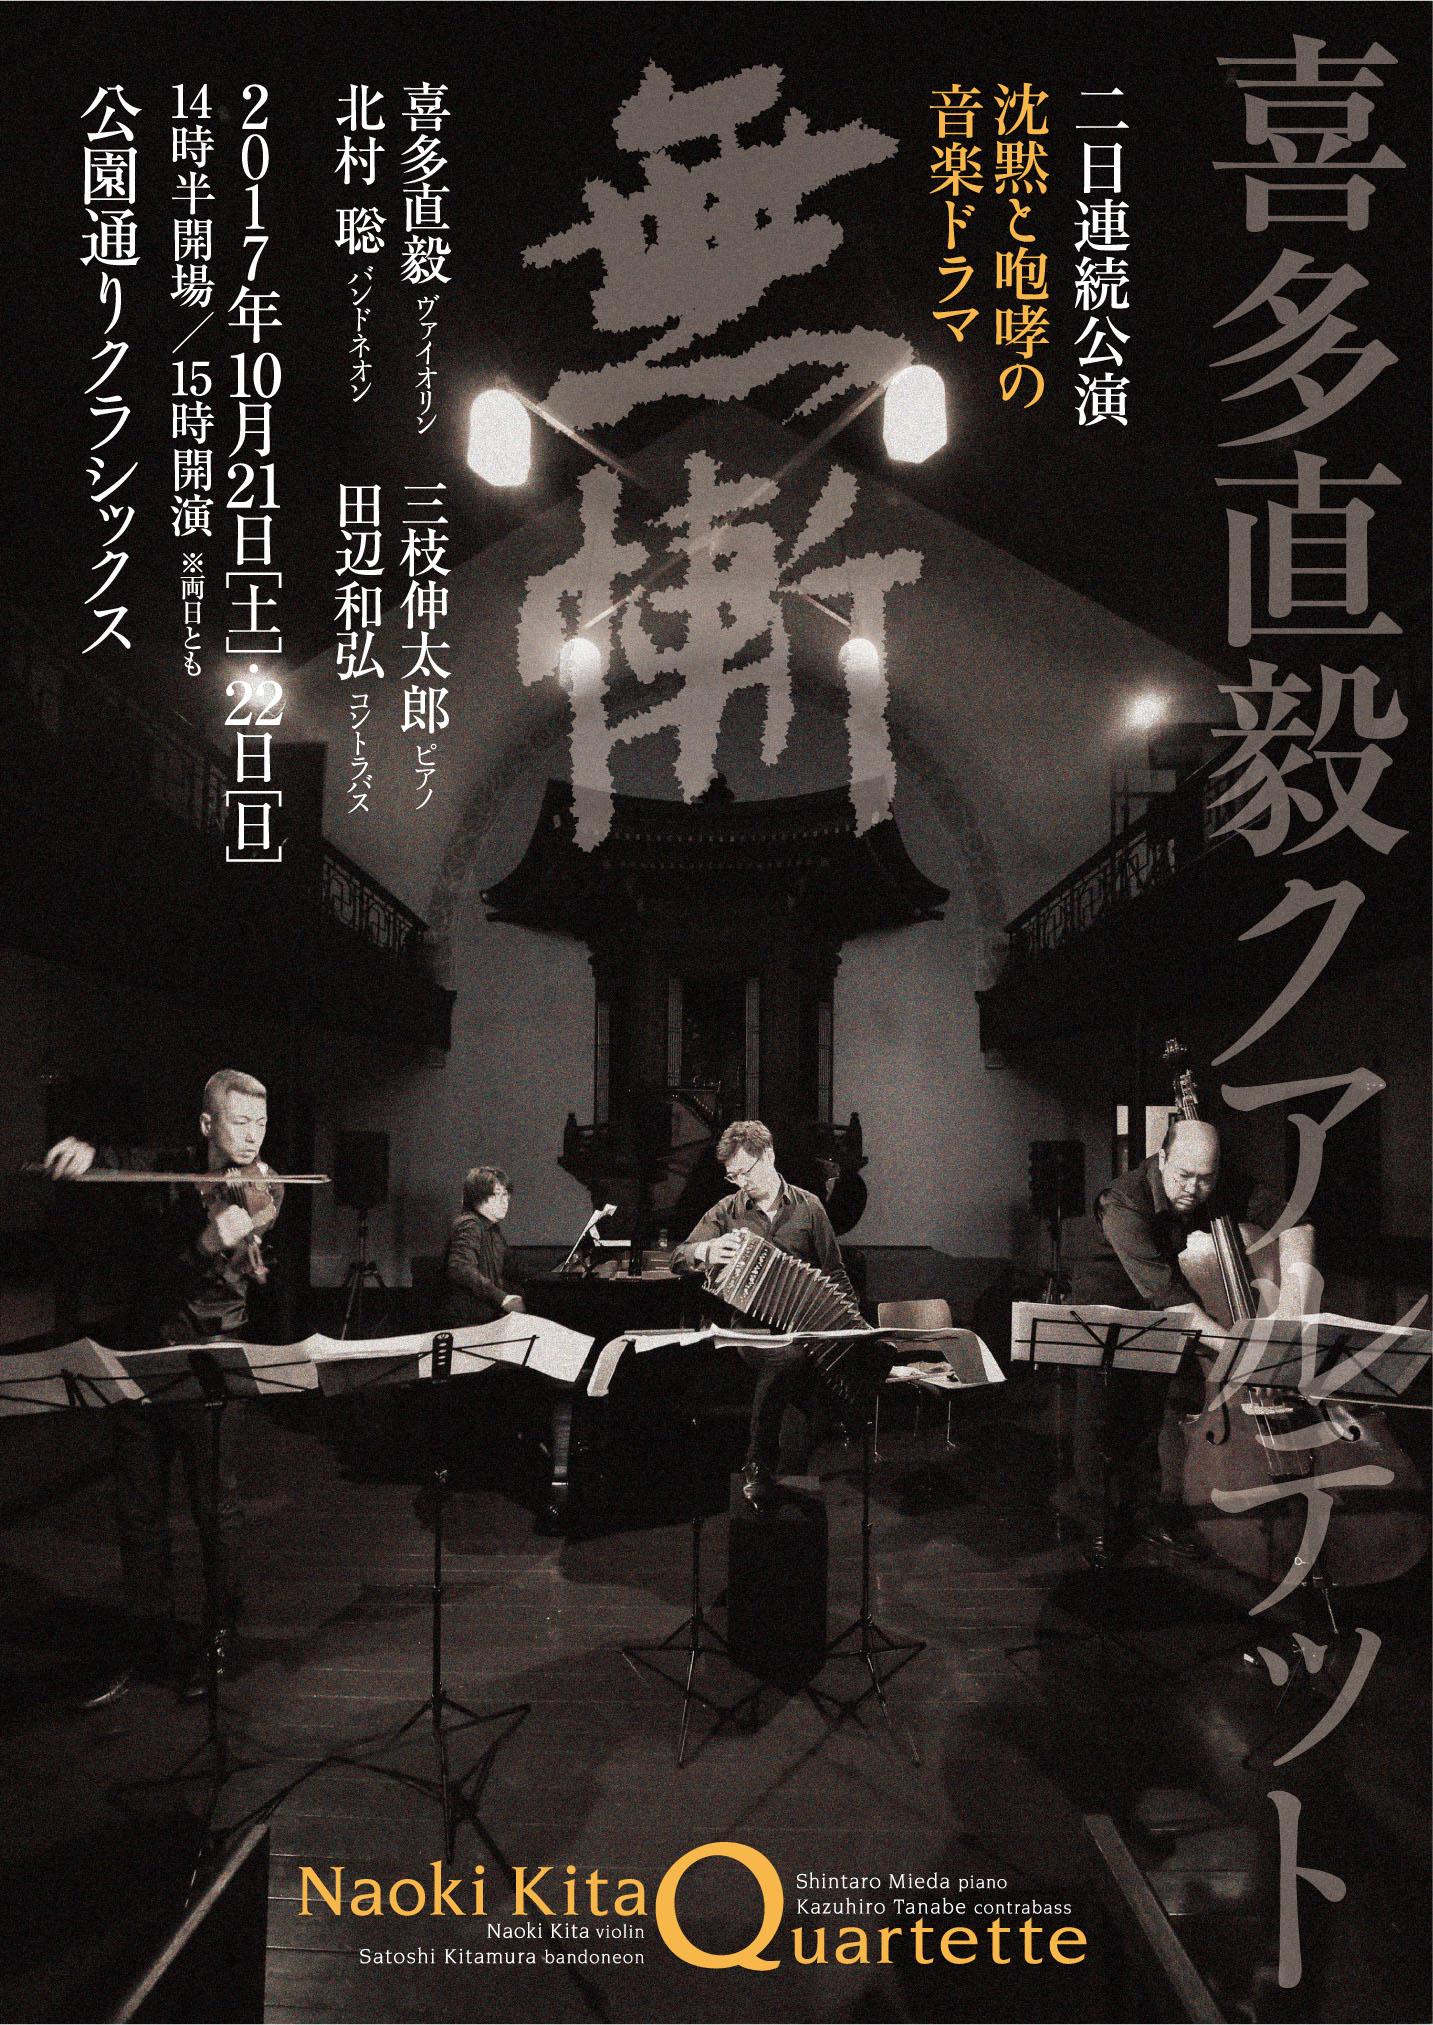 【喜多直毅クアルテット2日連続公演】 無慚 ~沈黙と咆哮の音楽ドラマ~